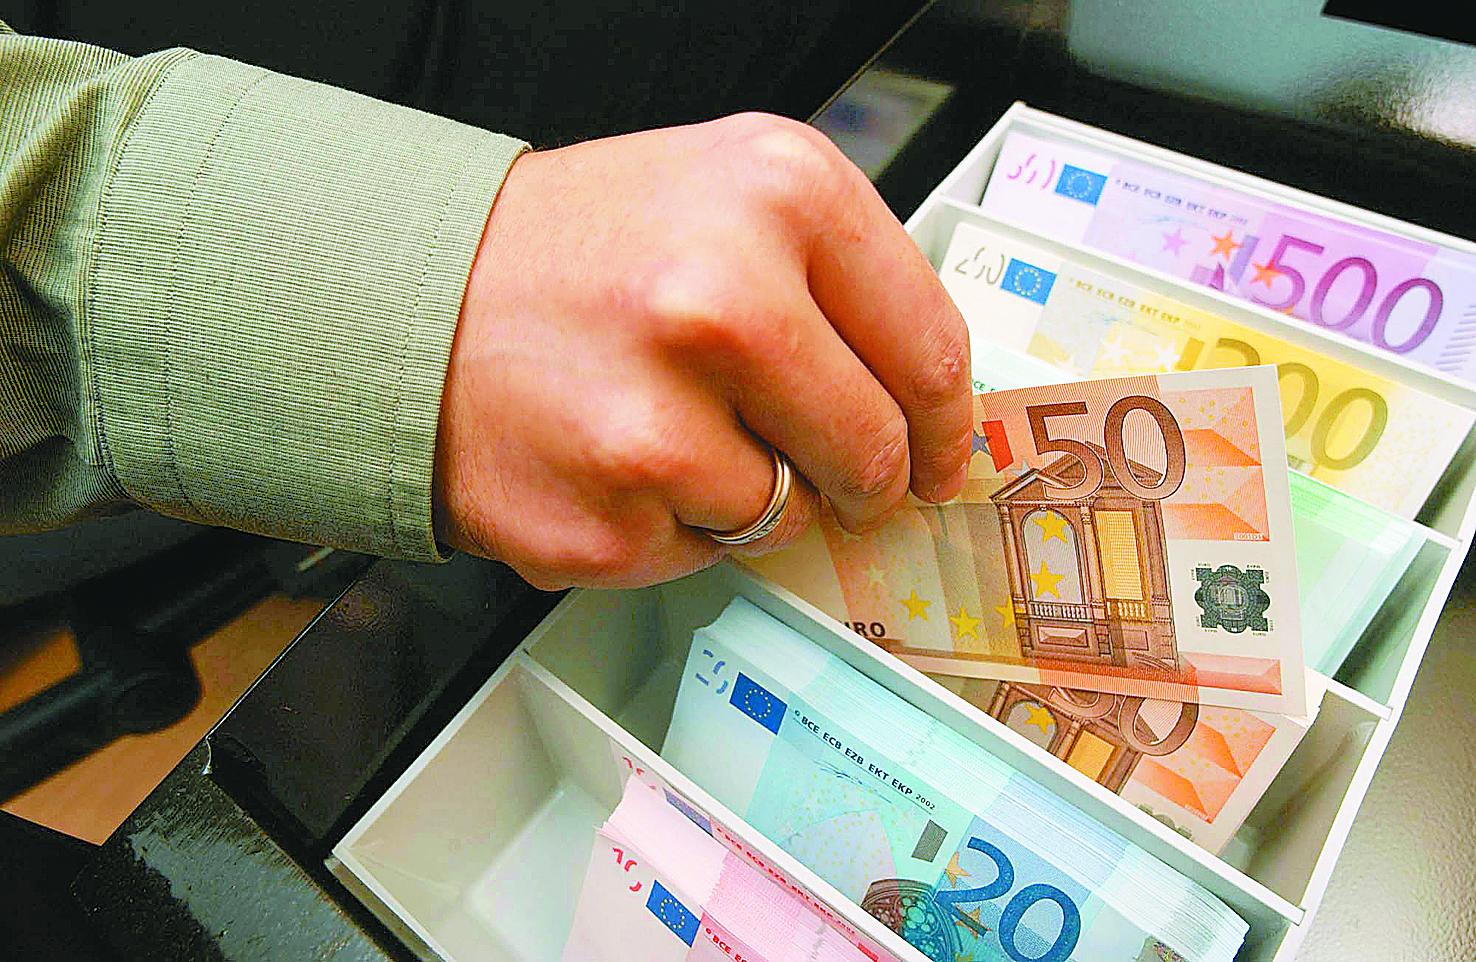 Μειώνεται το έλλειμμα του προϋπολογισμού   tovima.gr